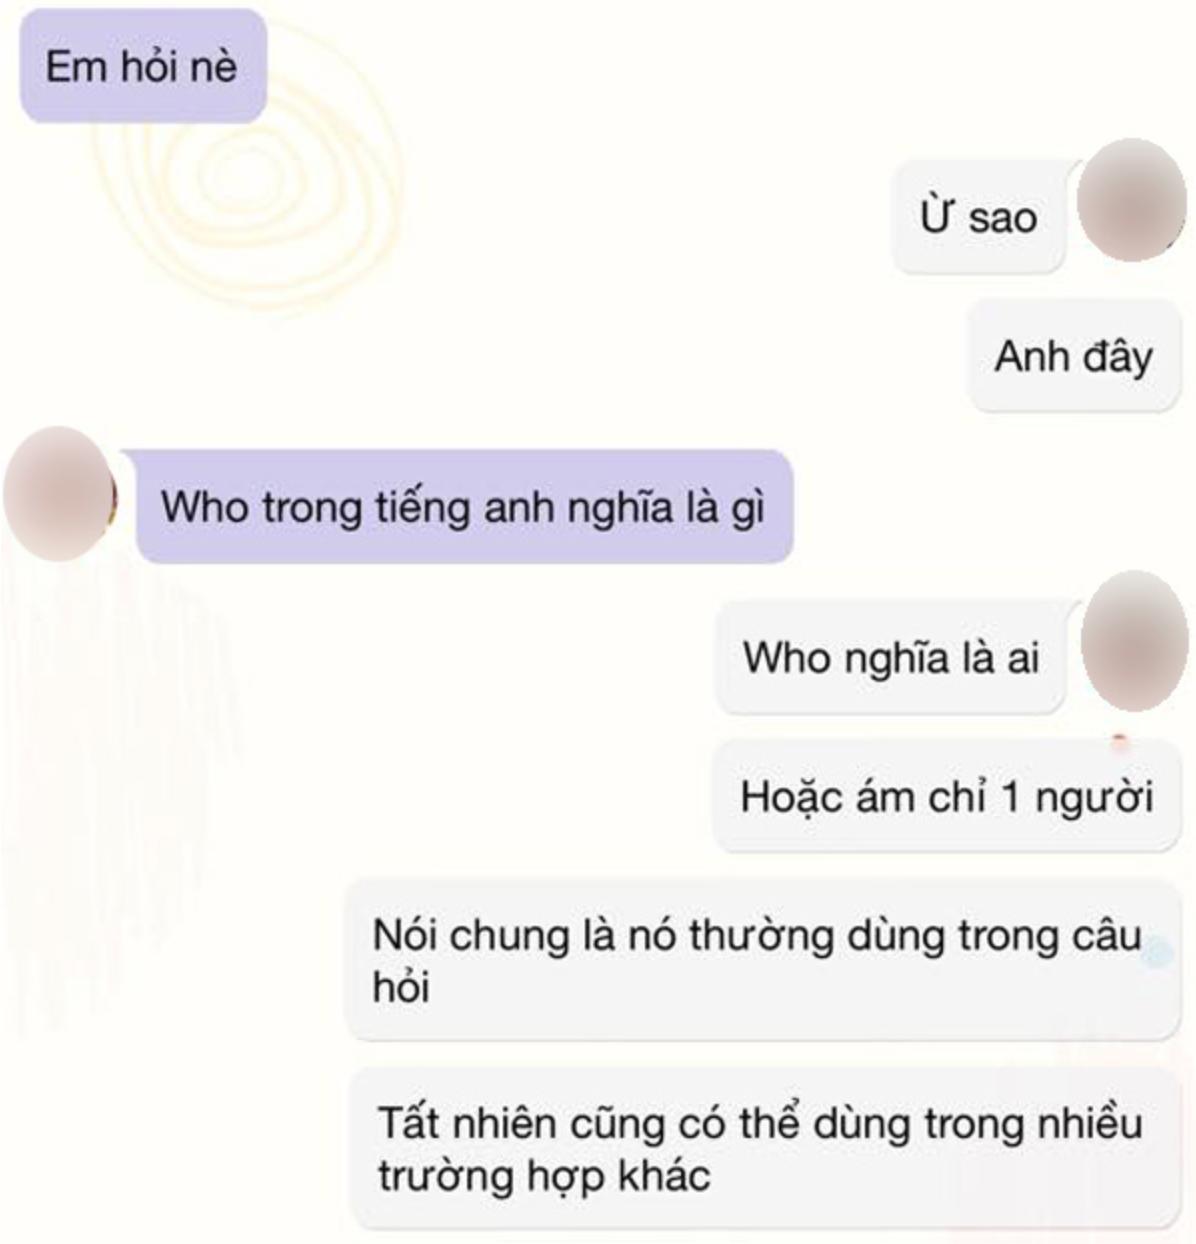 1001 tình huống khi nhắn tin dụ crush nói ra ba tiếng I love you - Ảnh 3.